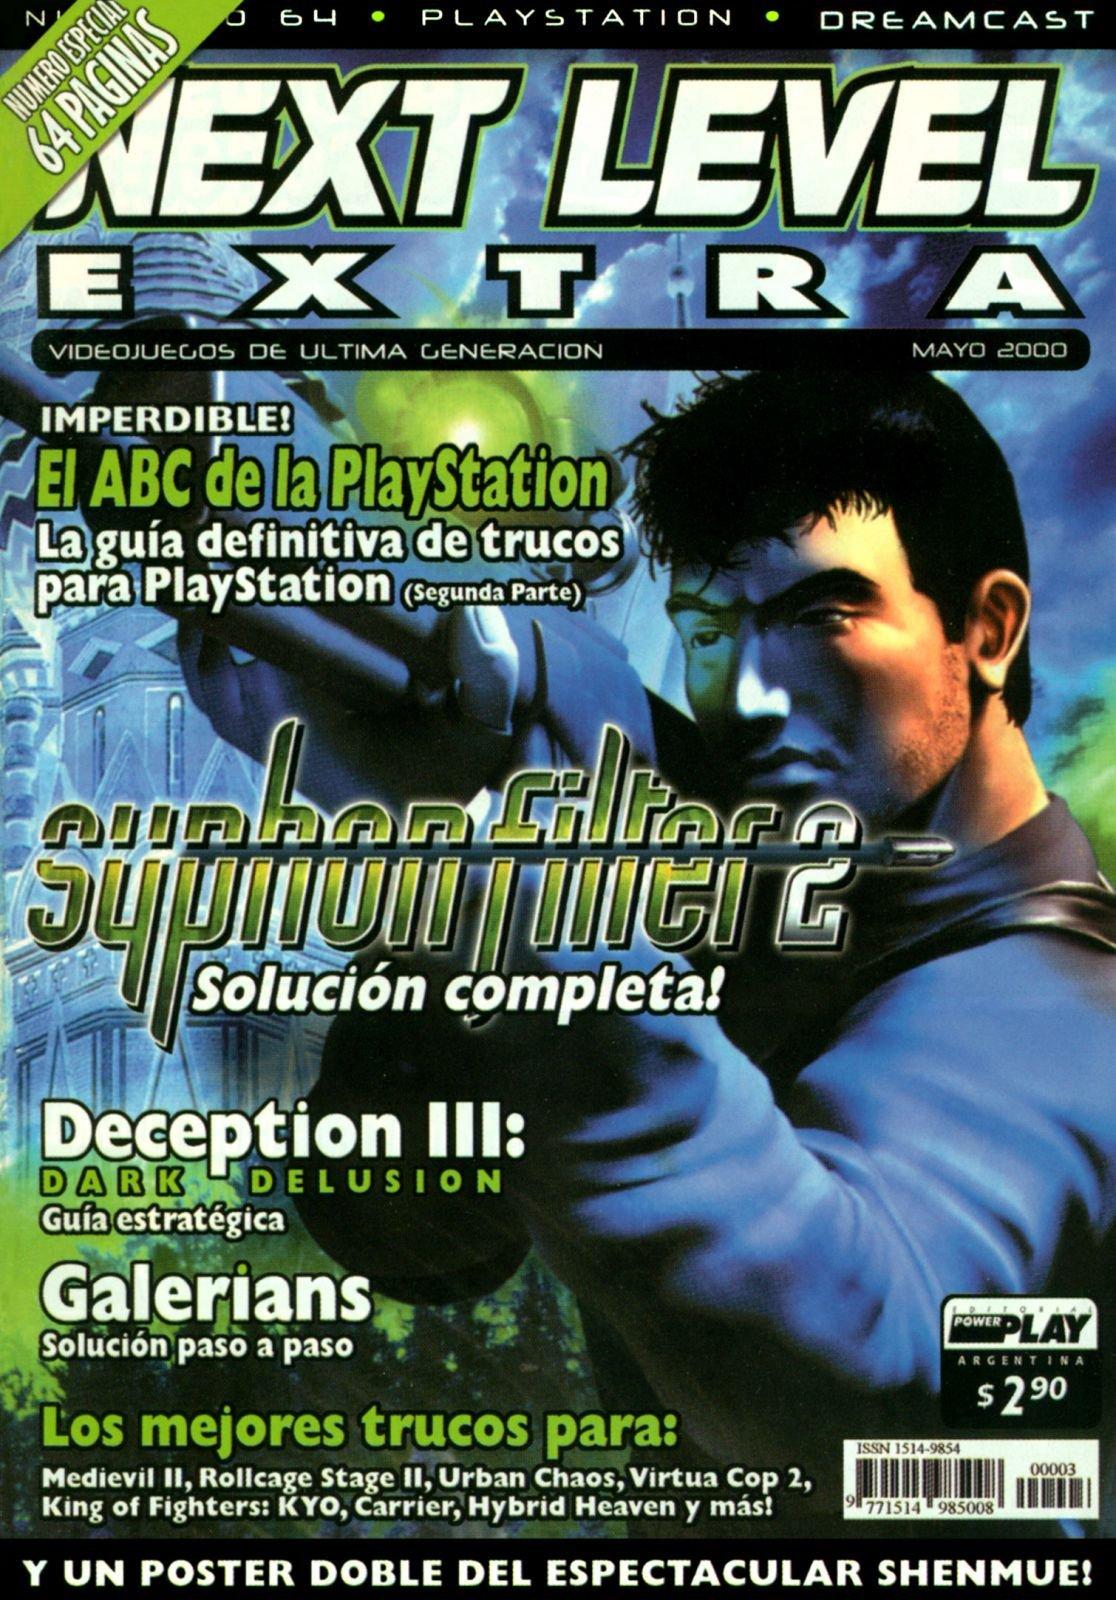 Next Level Extra 03 May 2000